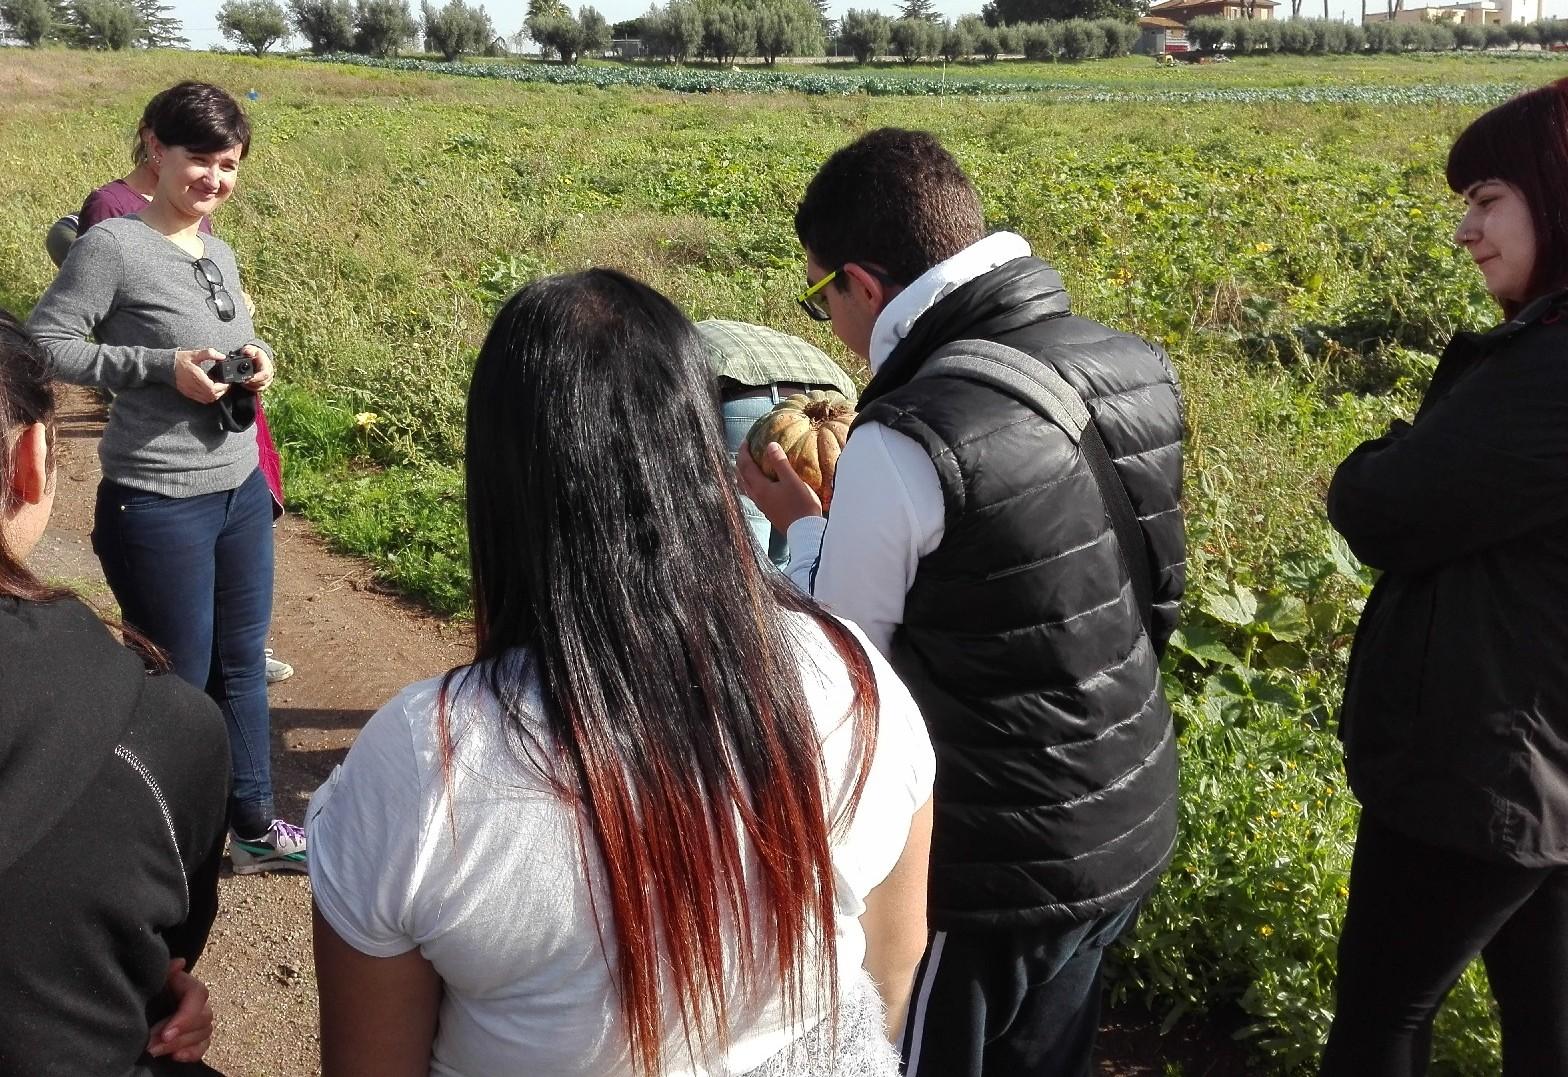 Durante la prima delle Giornate di Agricoltura Sociale, un educatore di Kairos, Andrea, passa la zucca ad un ragazzo al suo primo giorno in azienda